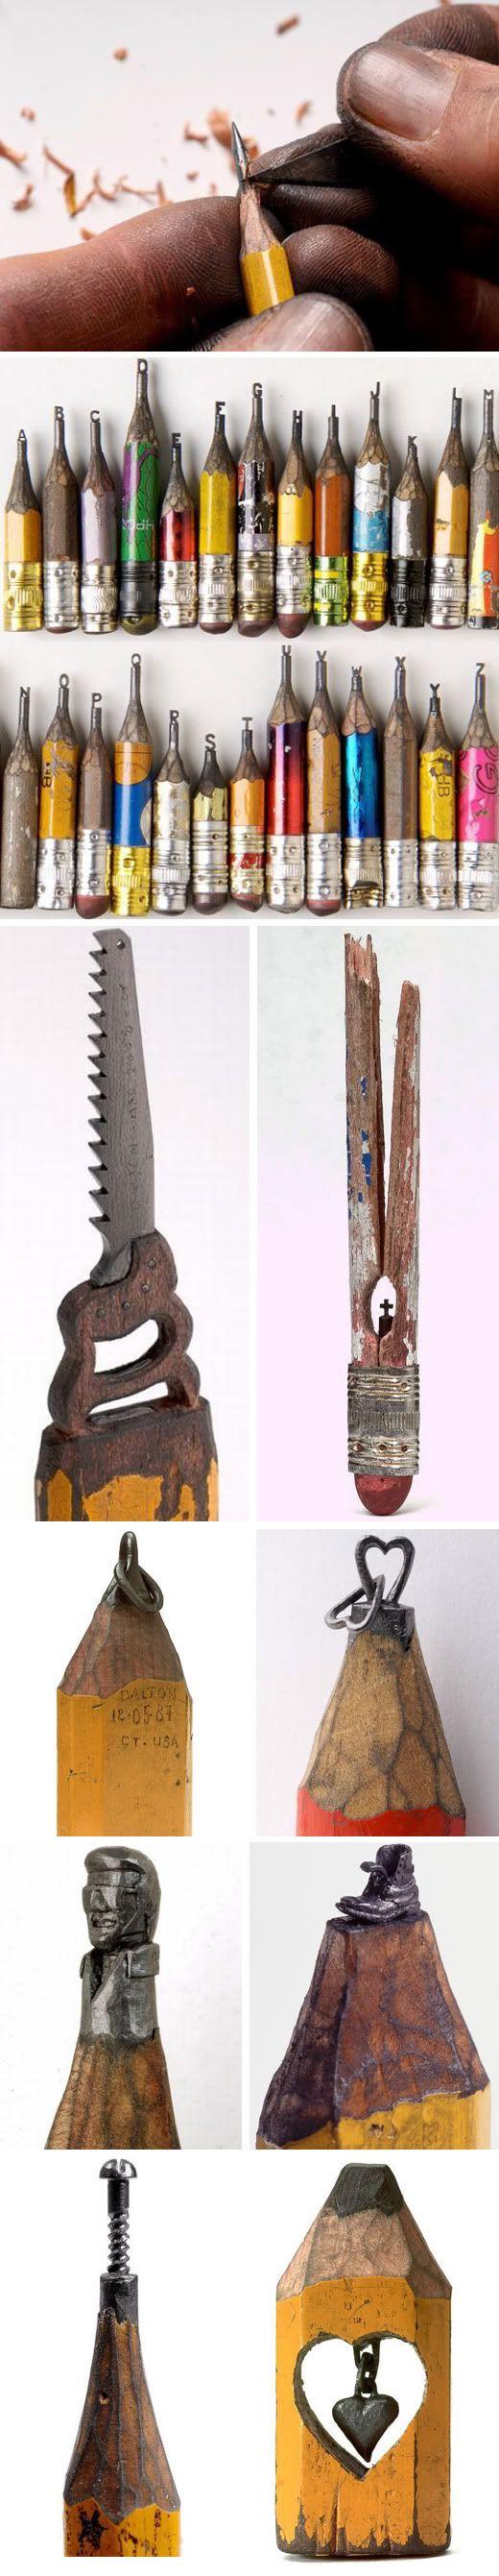 Dalton Ghetti carved pencils